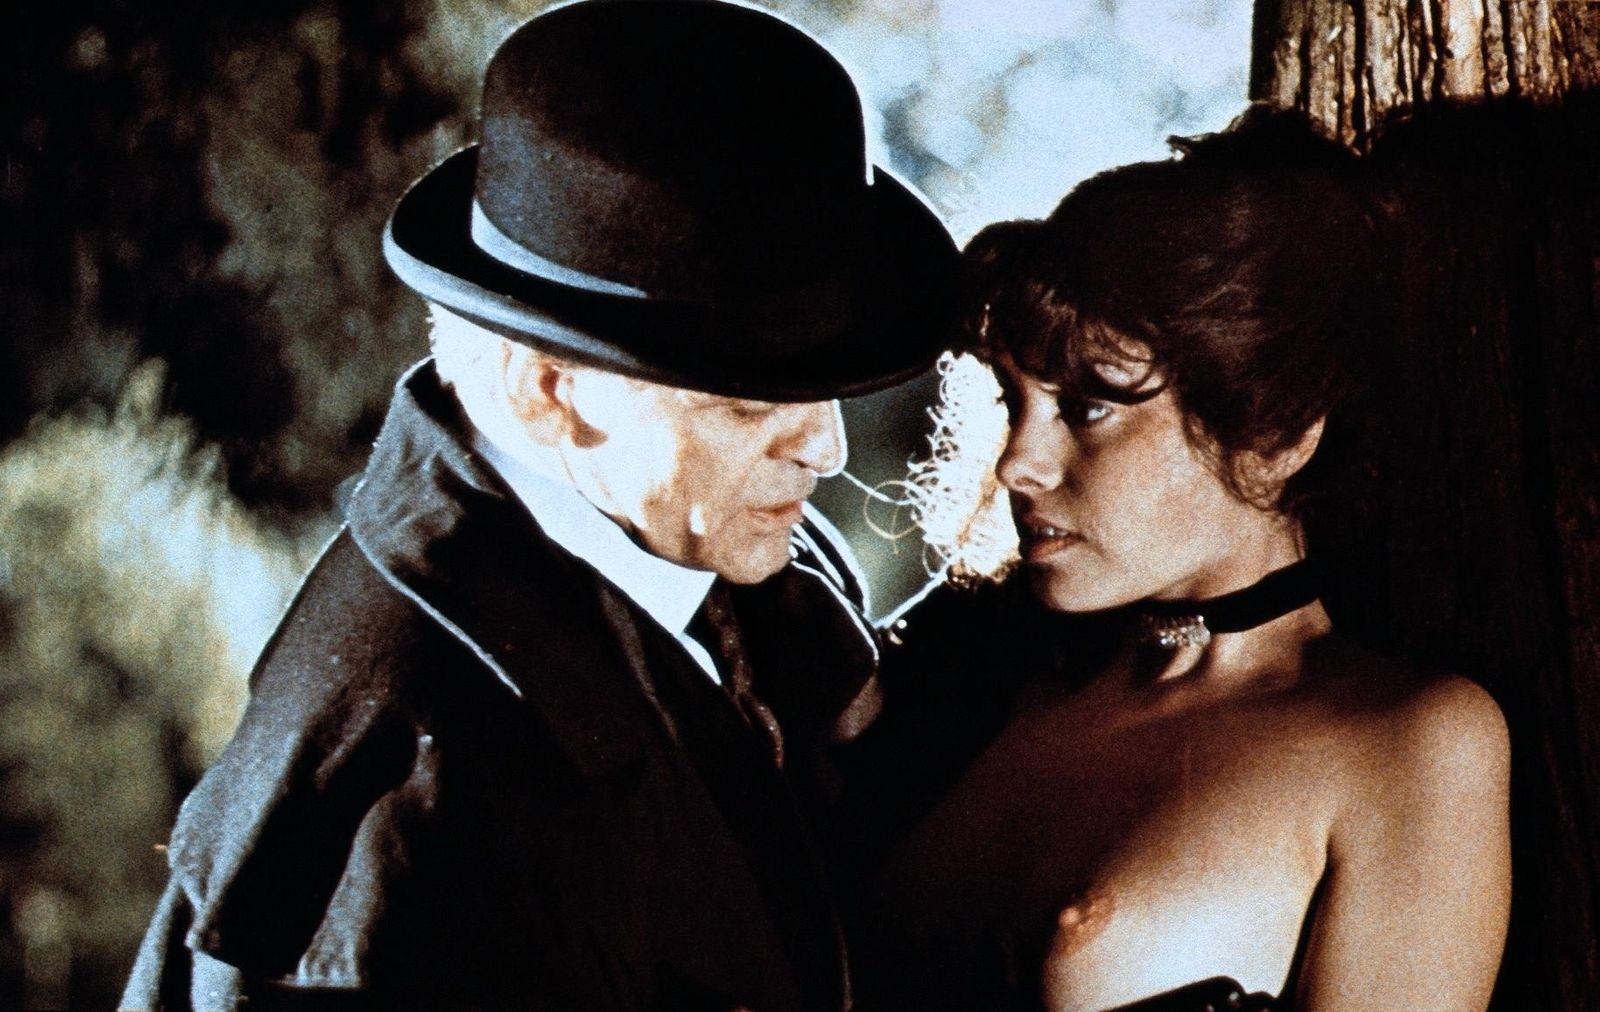 Jack the Ripper - Der Dirnenmörder von London / Jack the Ripper - der Dirnenmörder von London